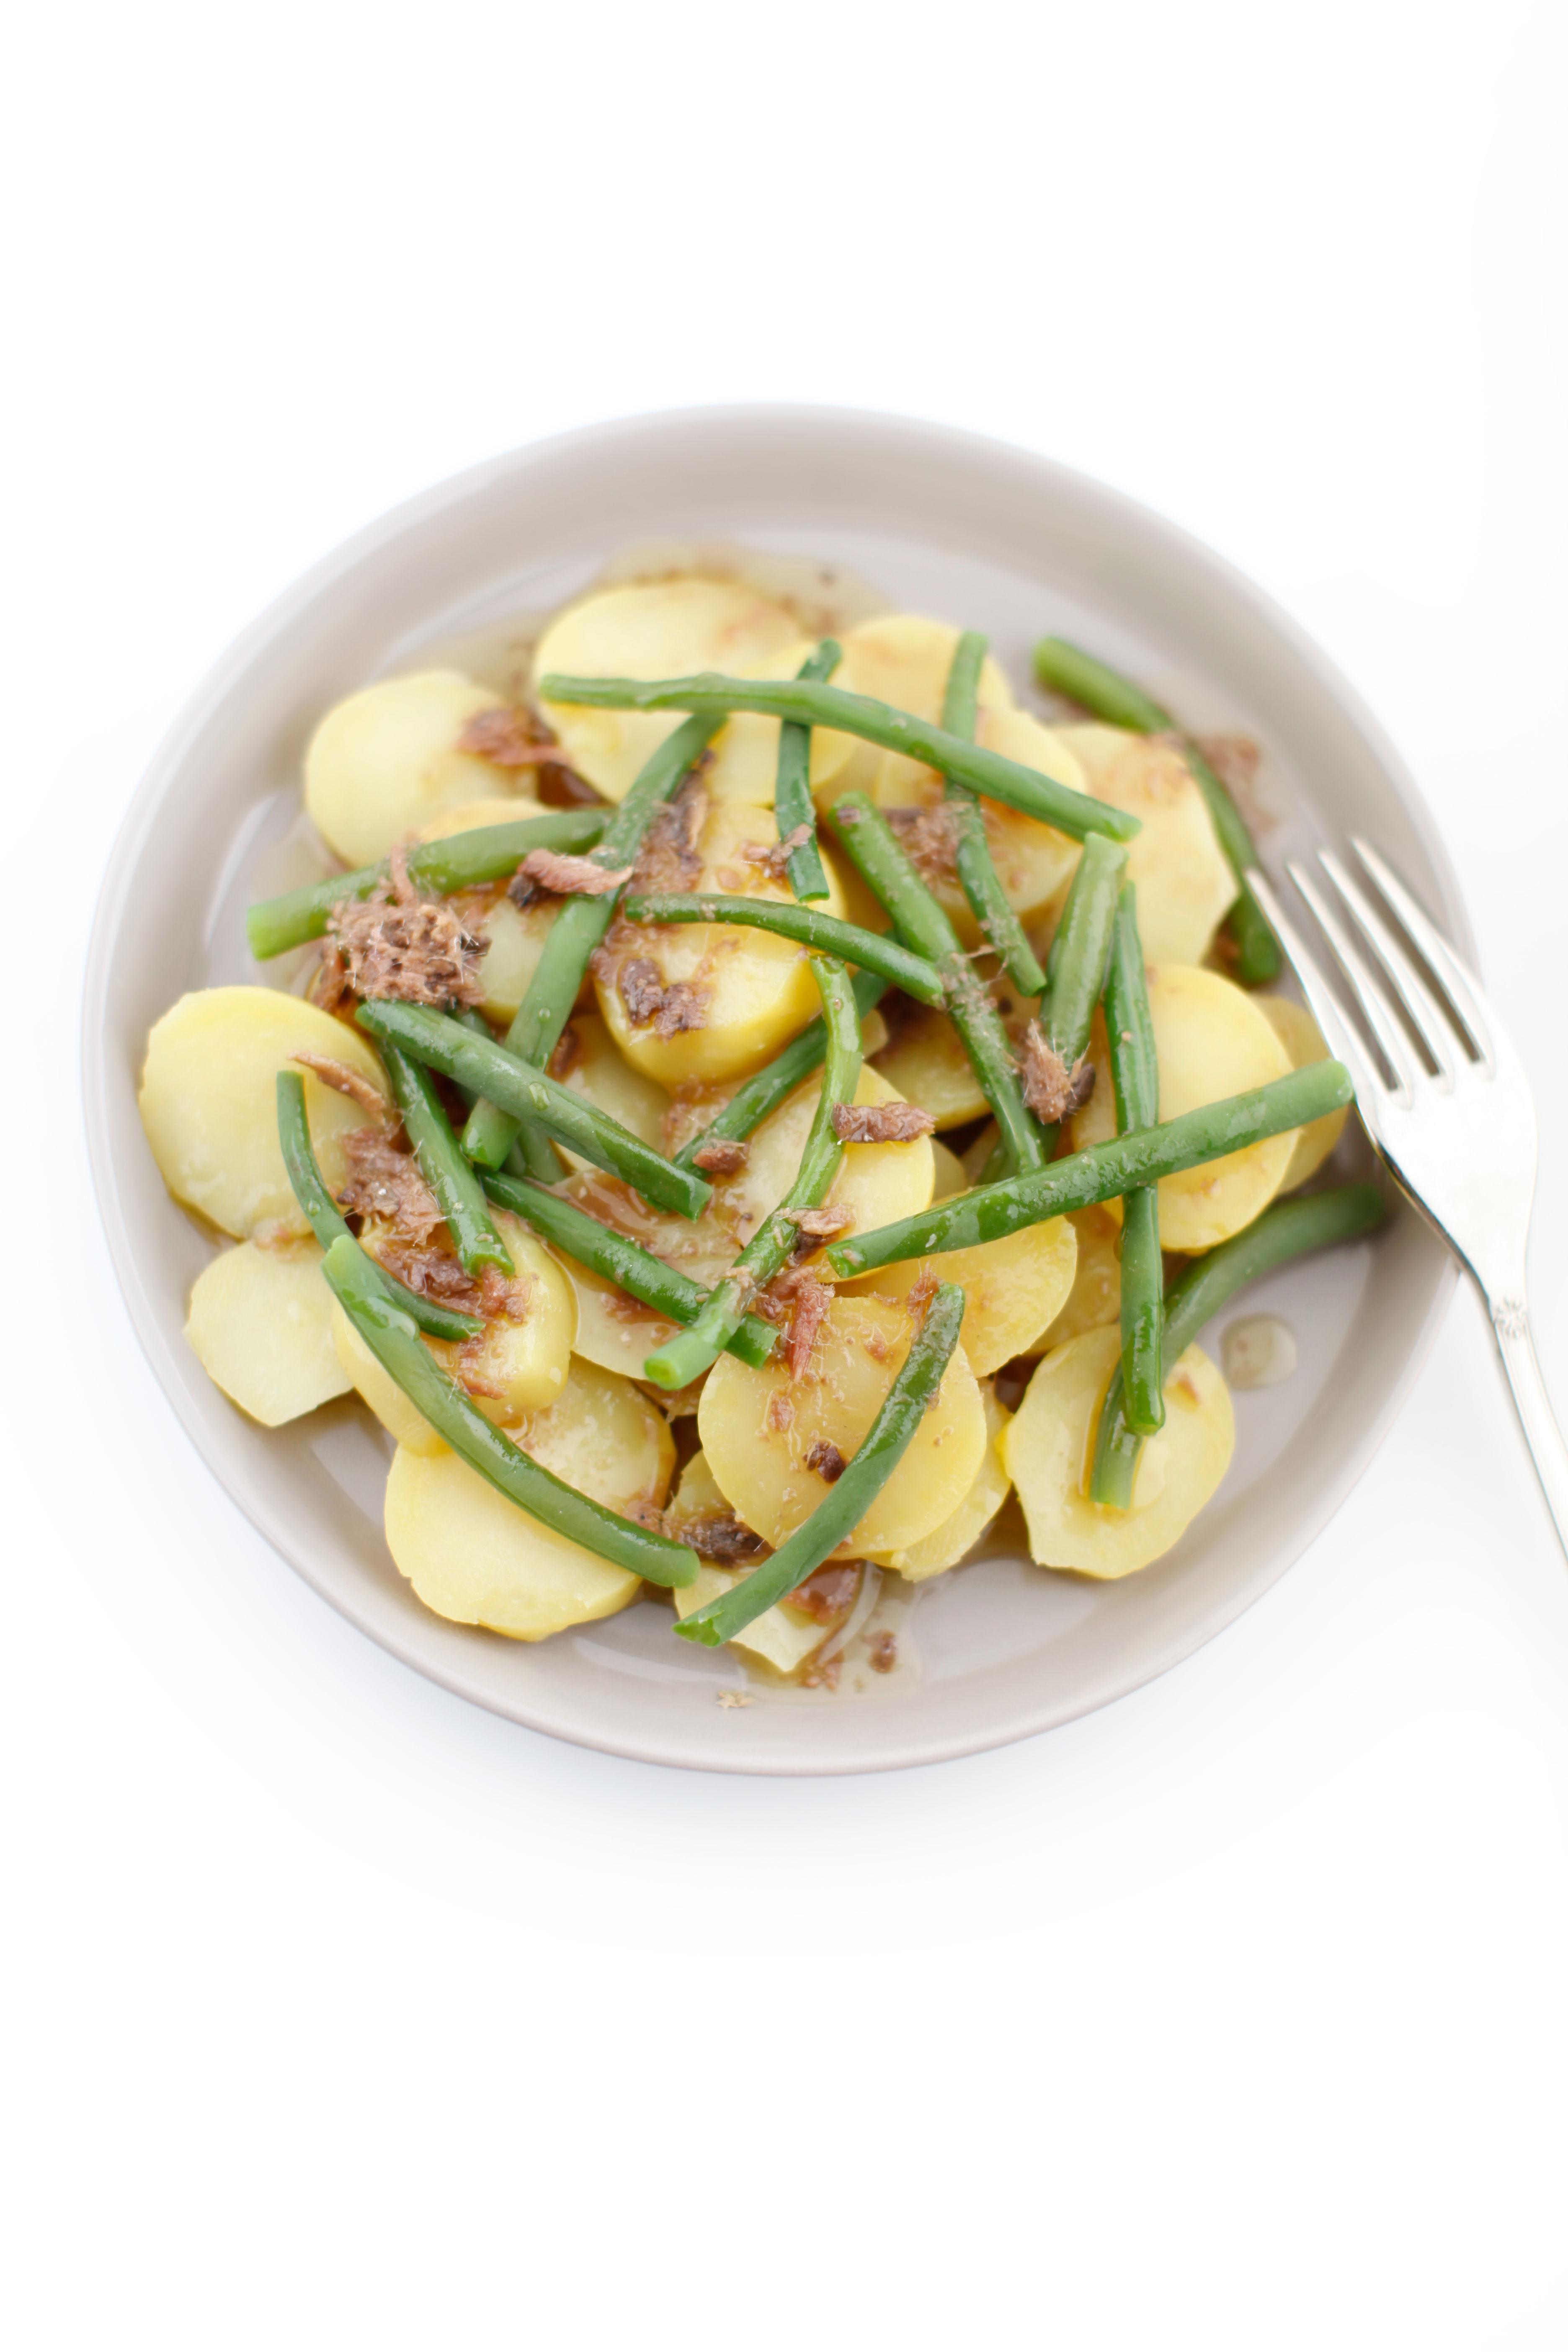 pici-e-castagne-insalata-patate-2